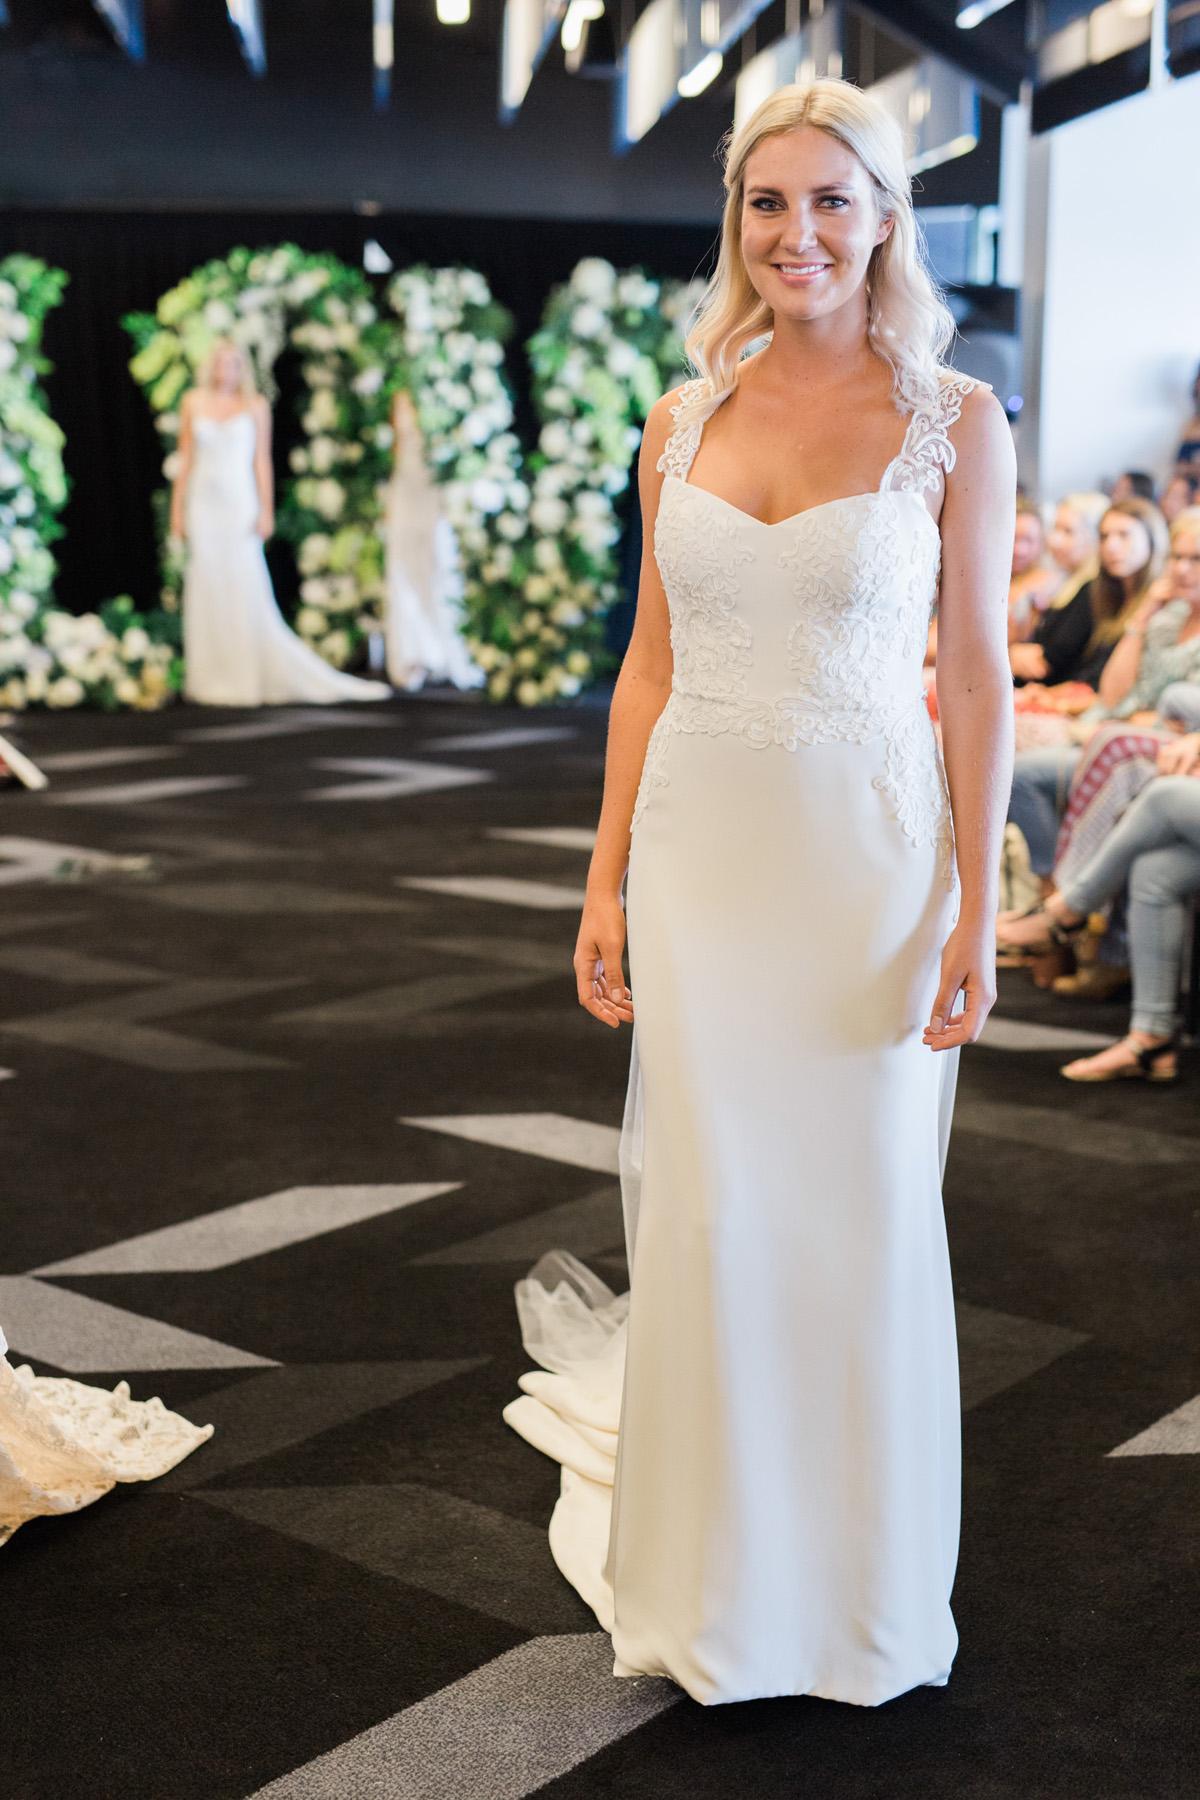 Love-Wedding-Festival-Sydney-Wedding-Gown-Angela-Osagie-36.jpg